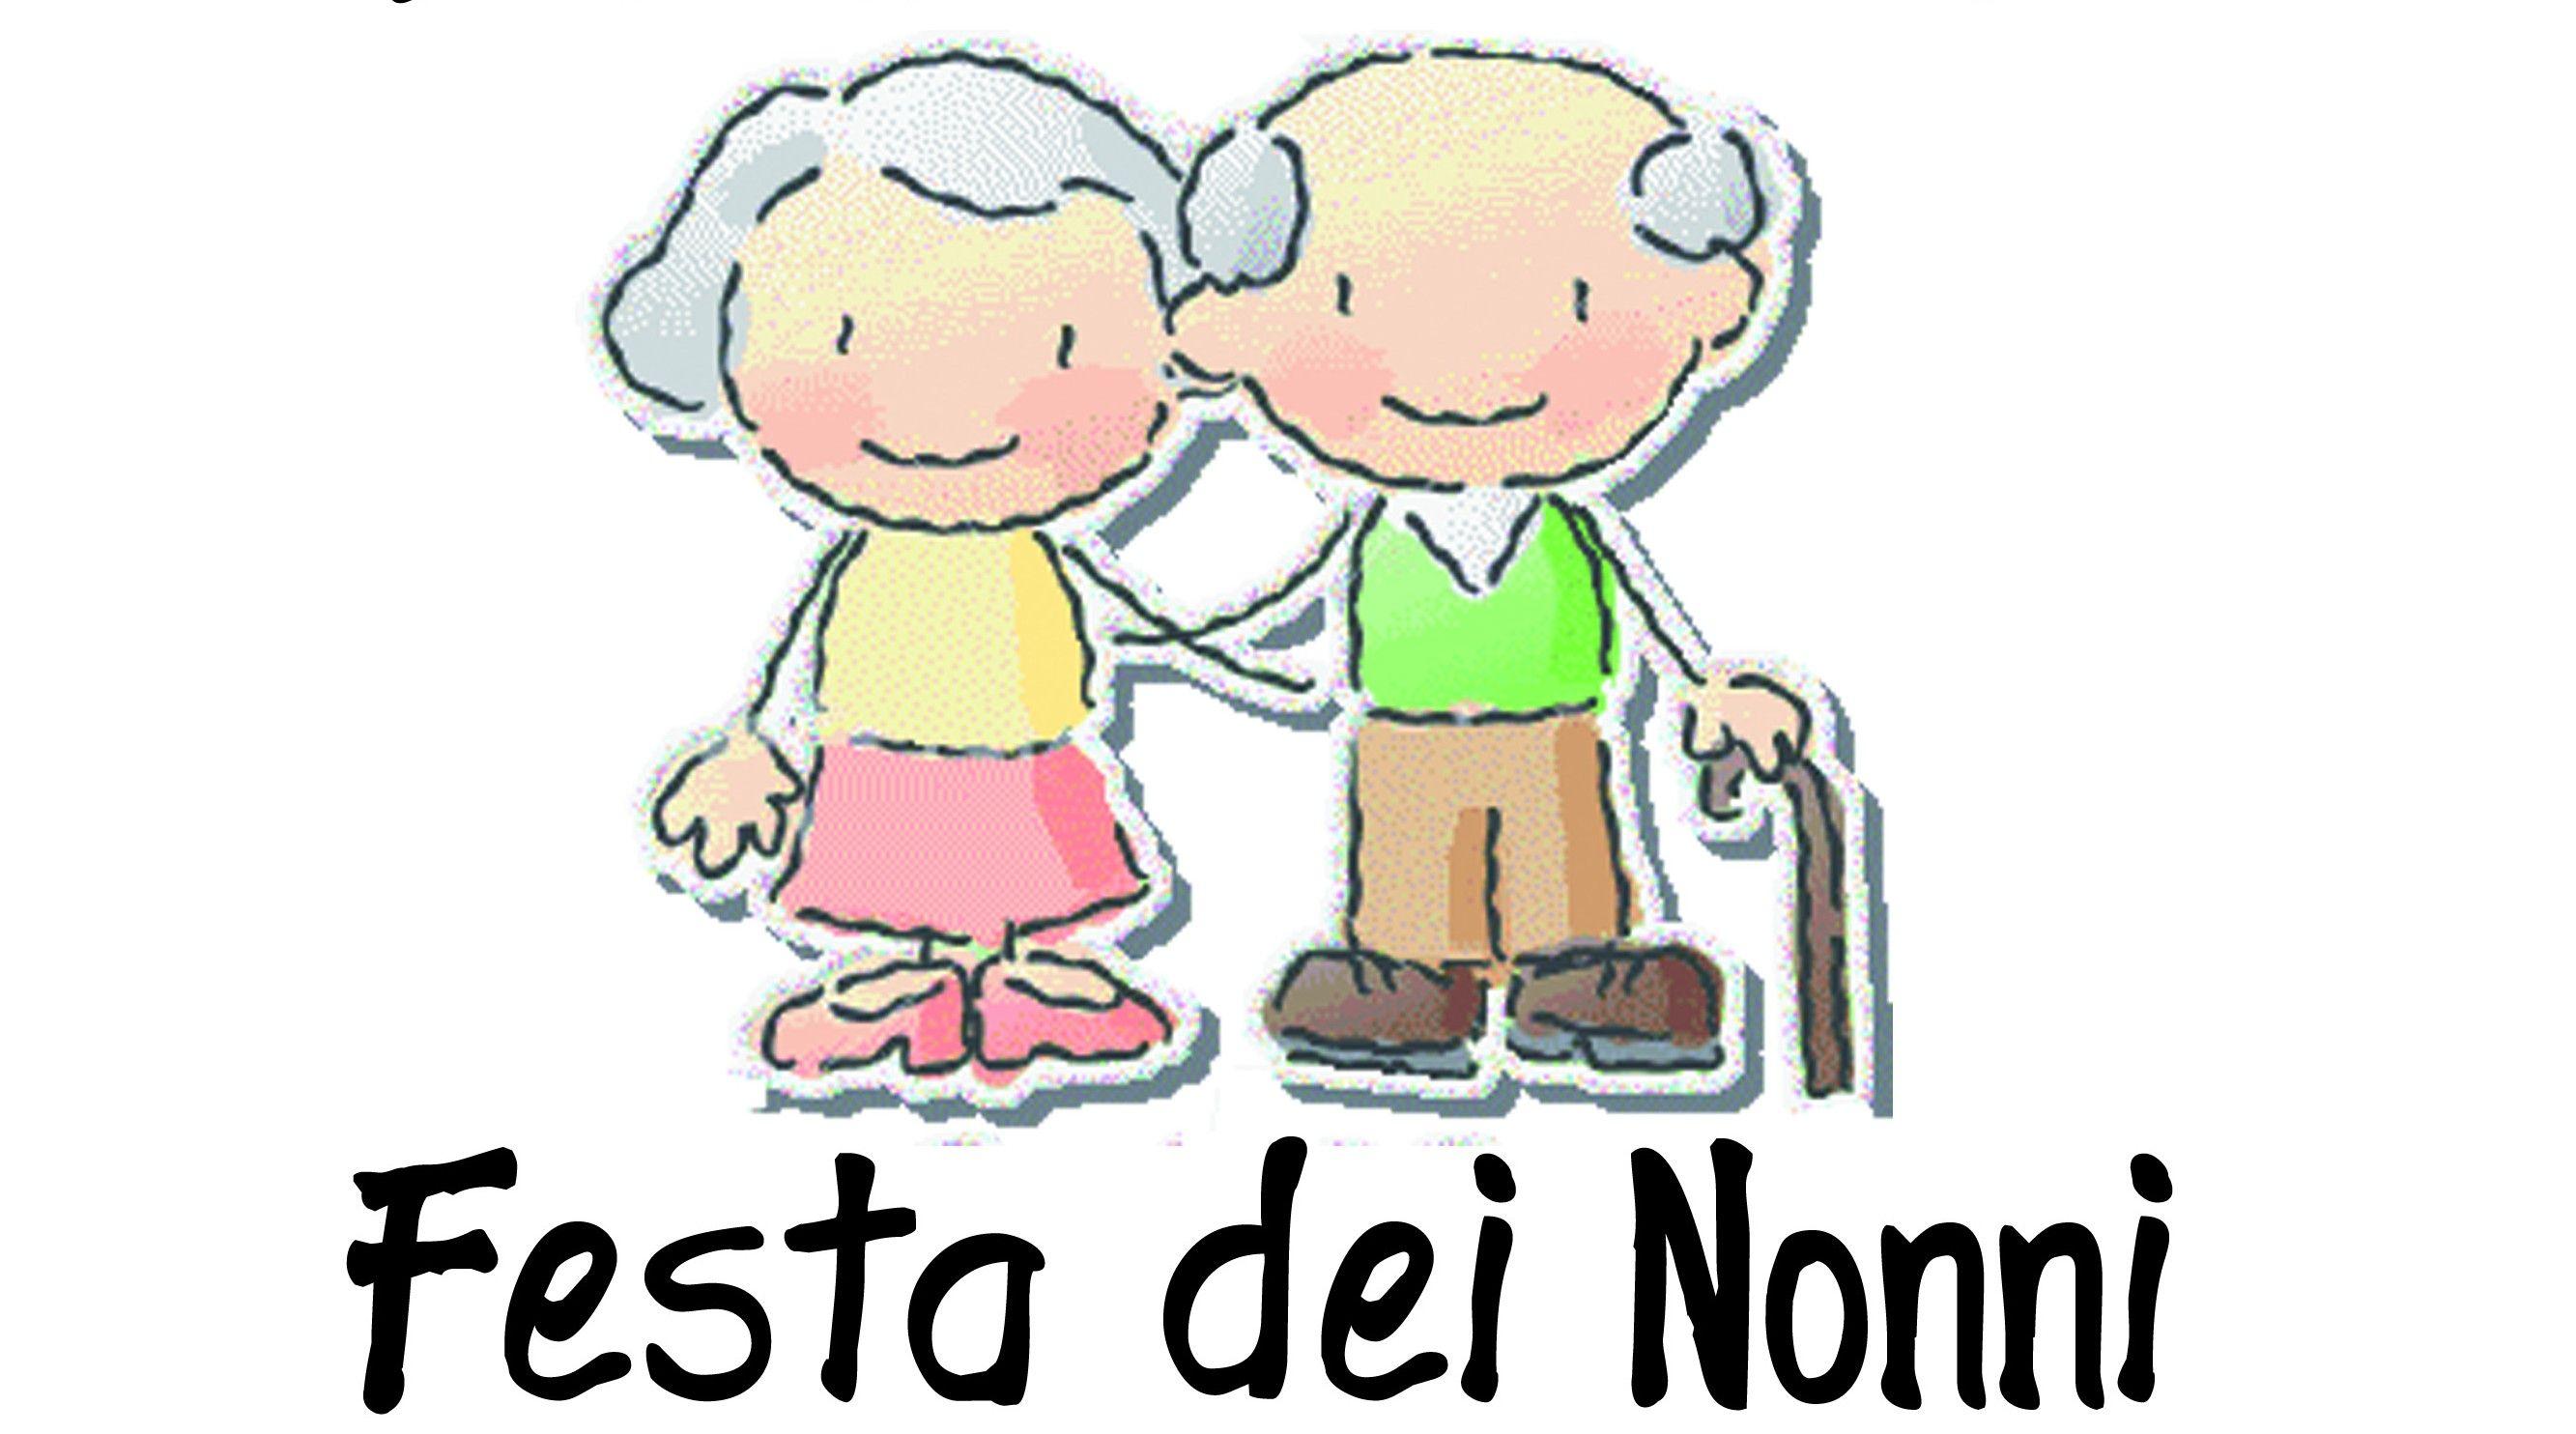 Auguri Matrimonio Dai Nonni : Festa dei nonni frasi e immagini per auguri